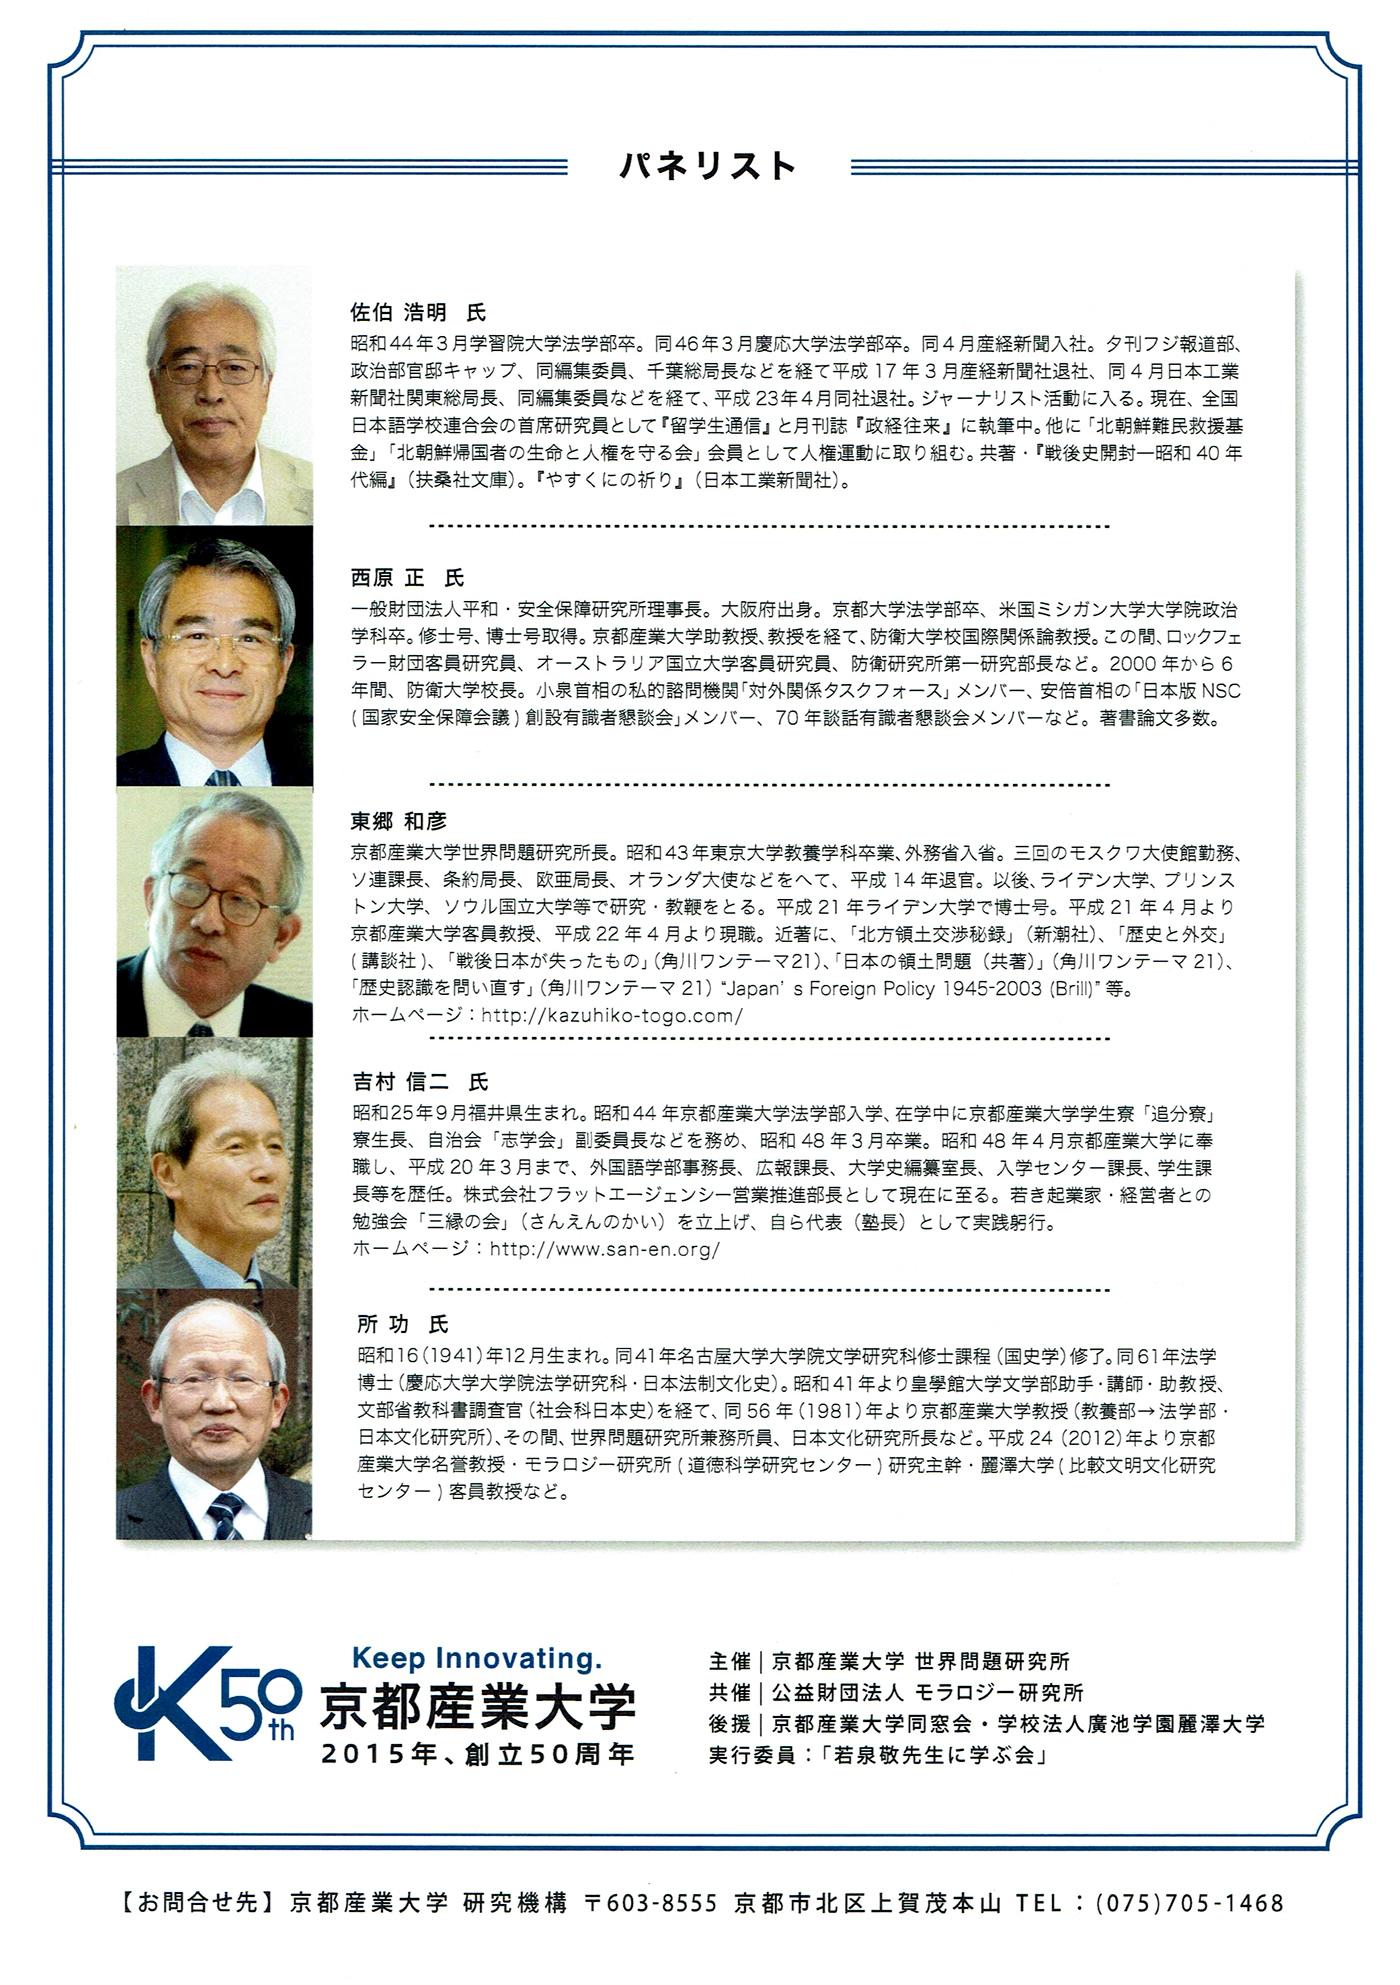 京都産業大学創立50周年記念シンポジウム 若泉 敬先生の再発見-沖縄返還交渉と日本の未来-